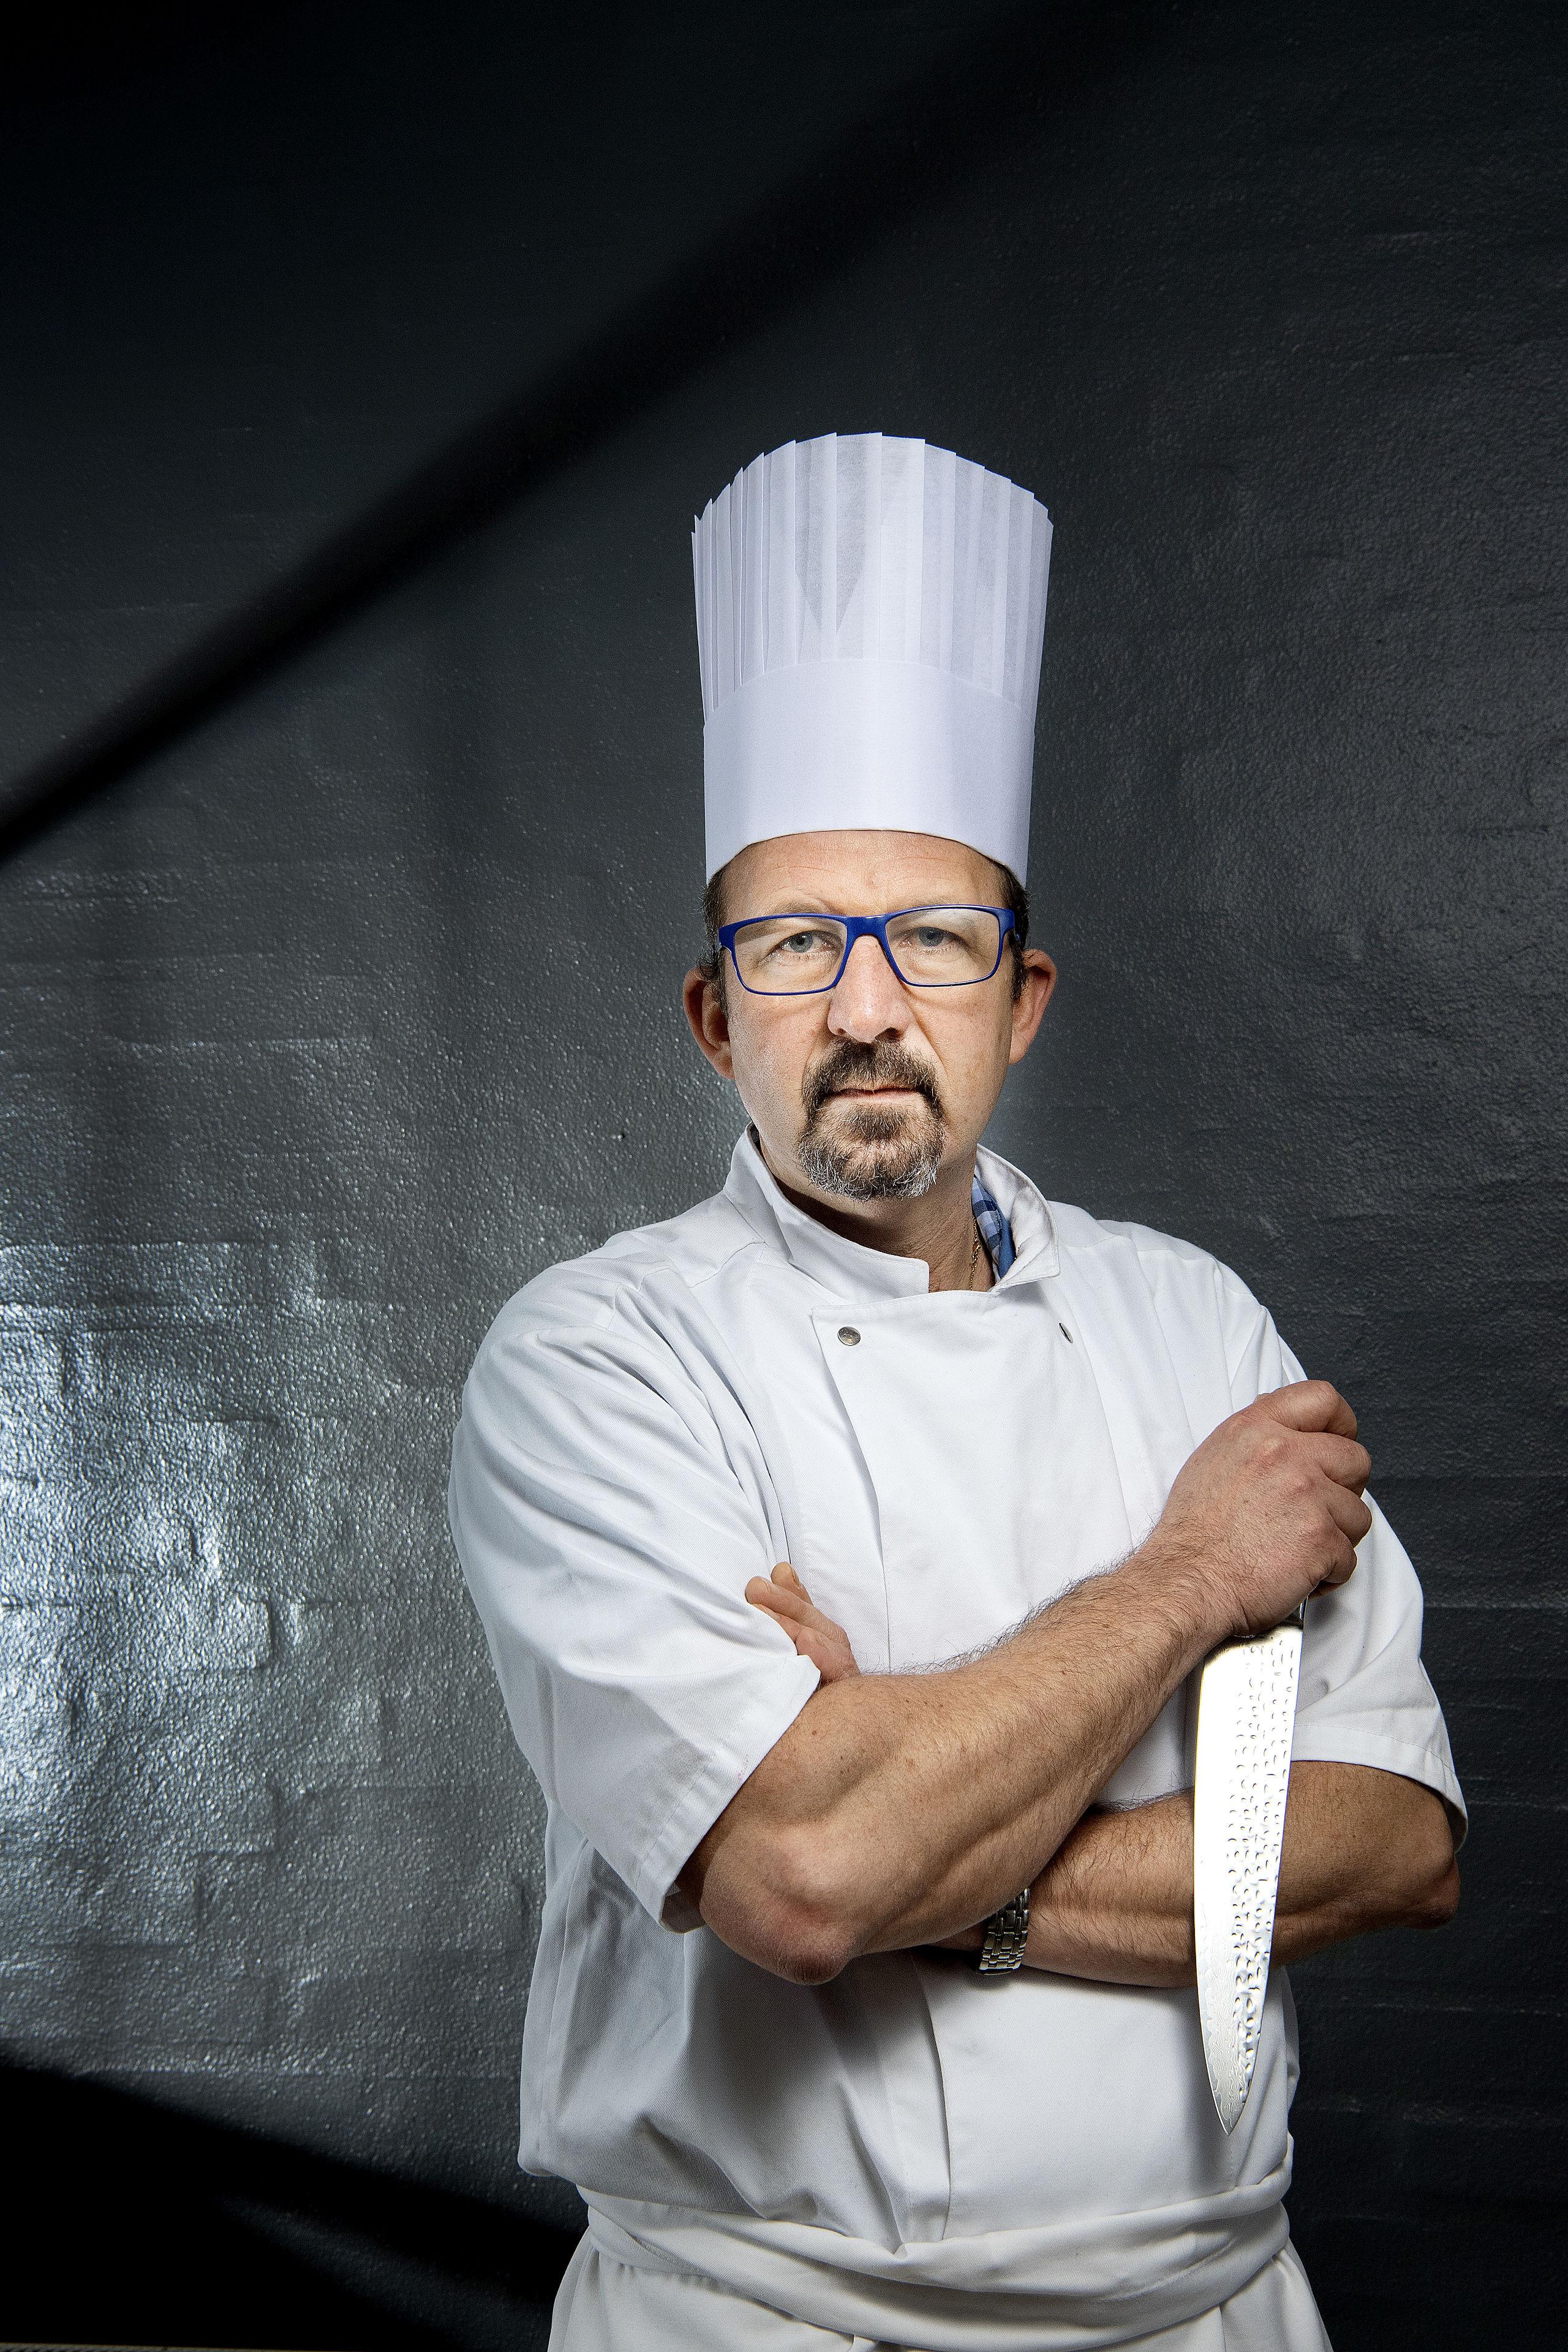 Fransk madmand vover fjerdragten og prikker til os: Foie gras smager godt